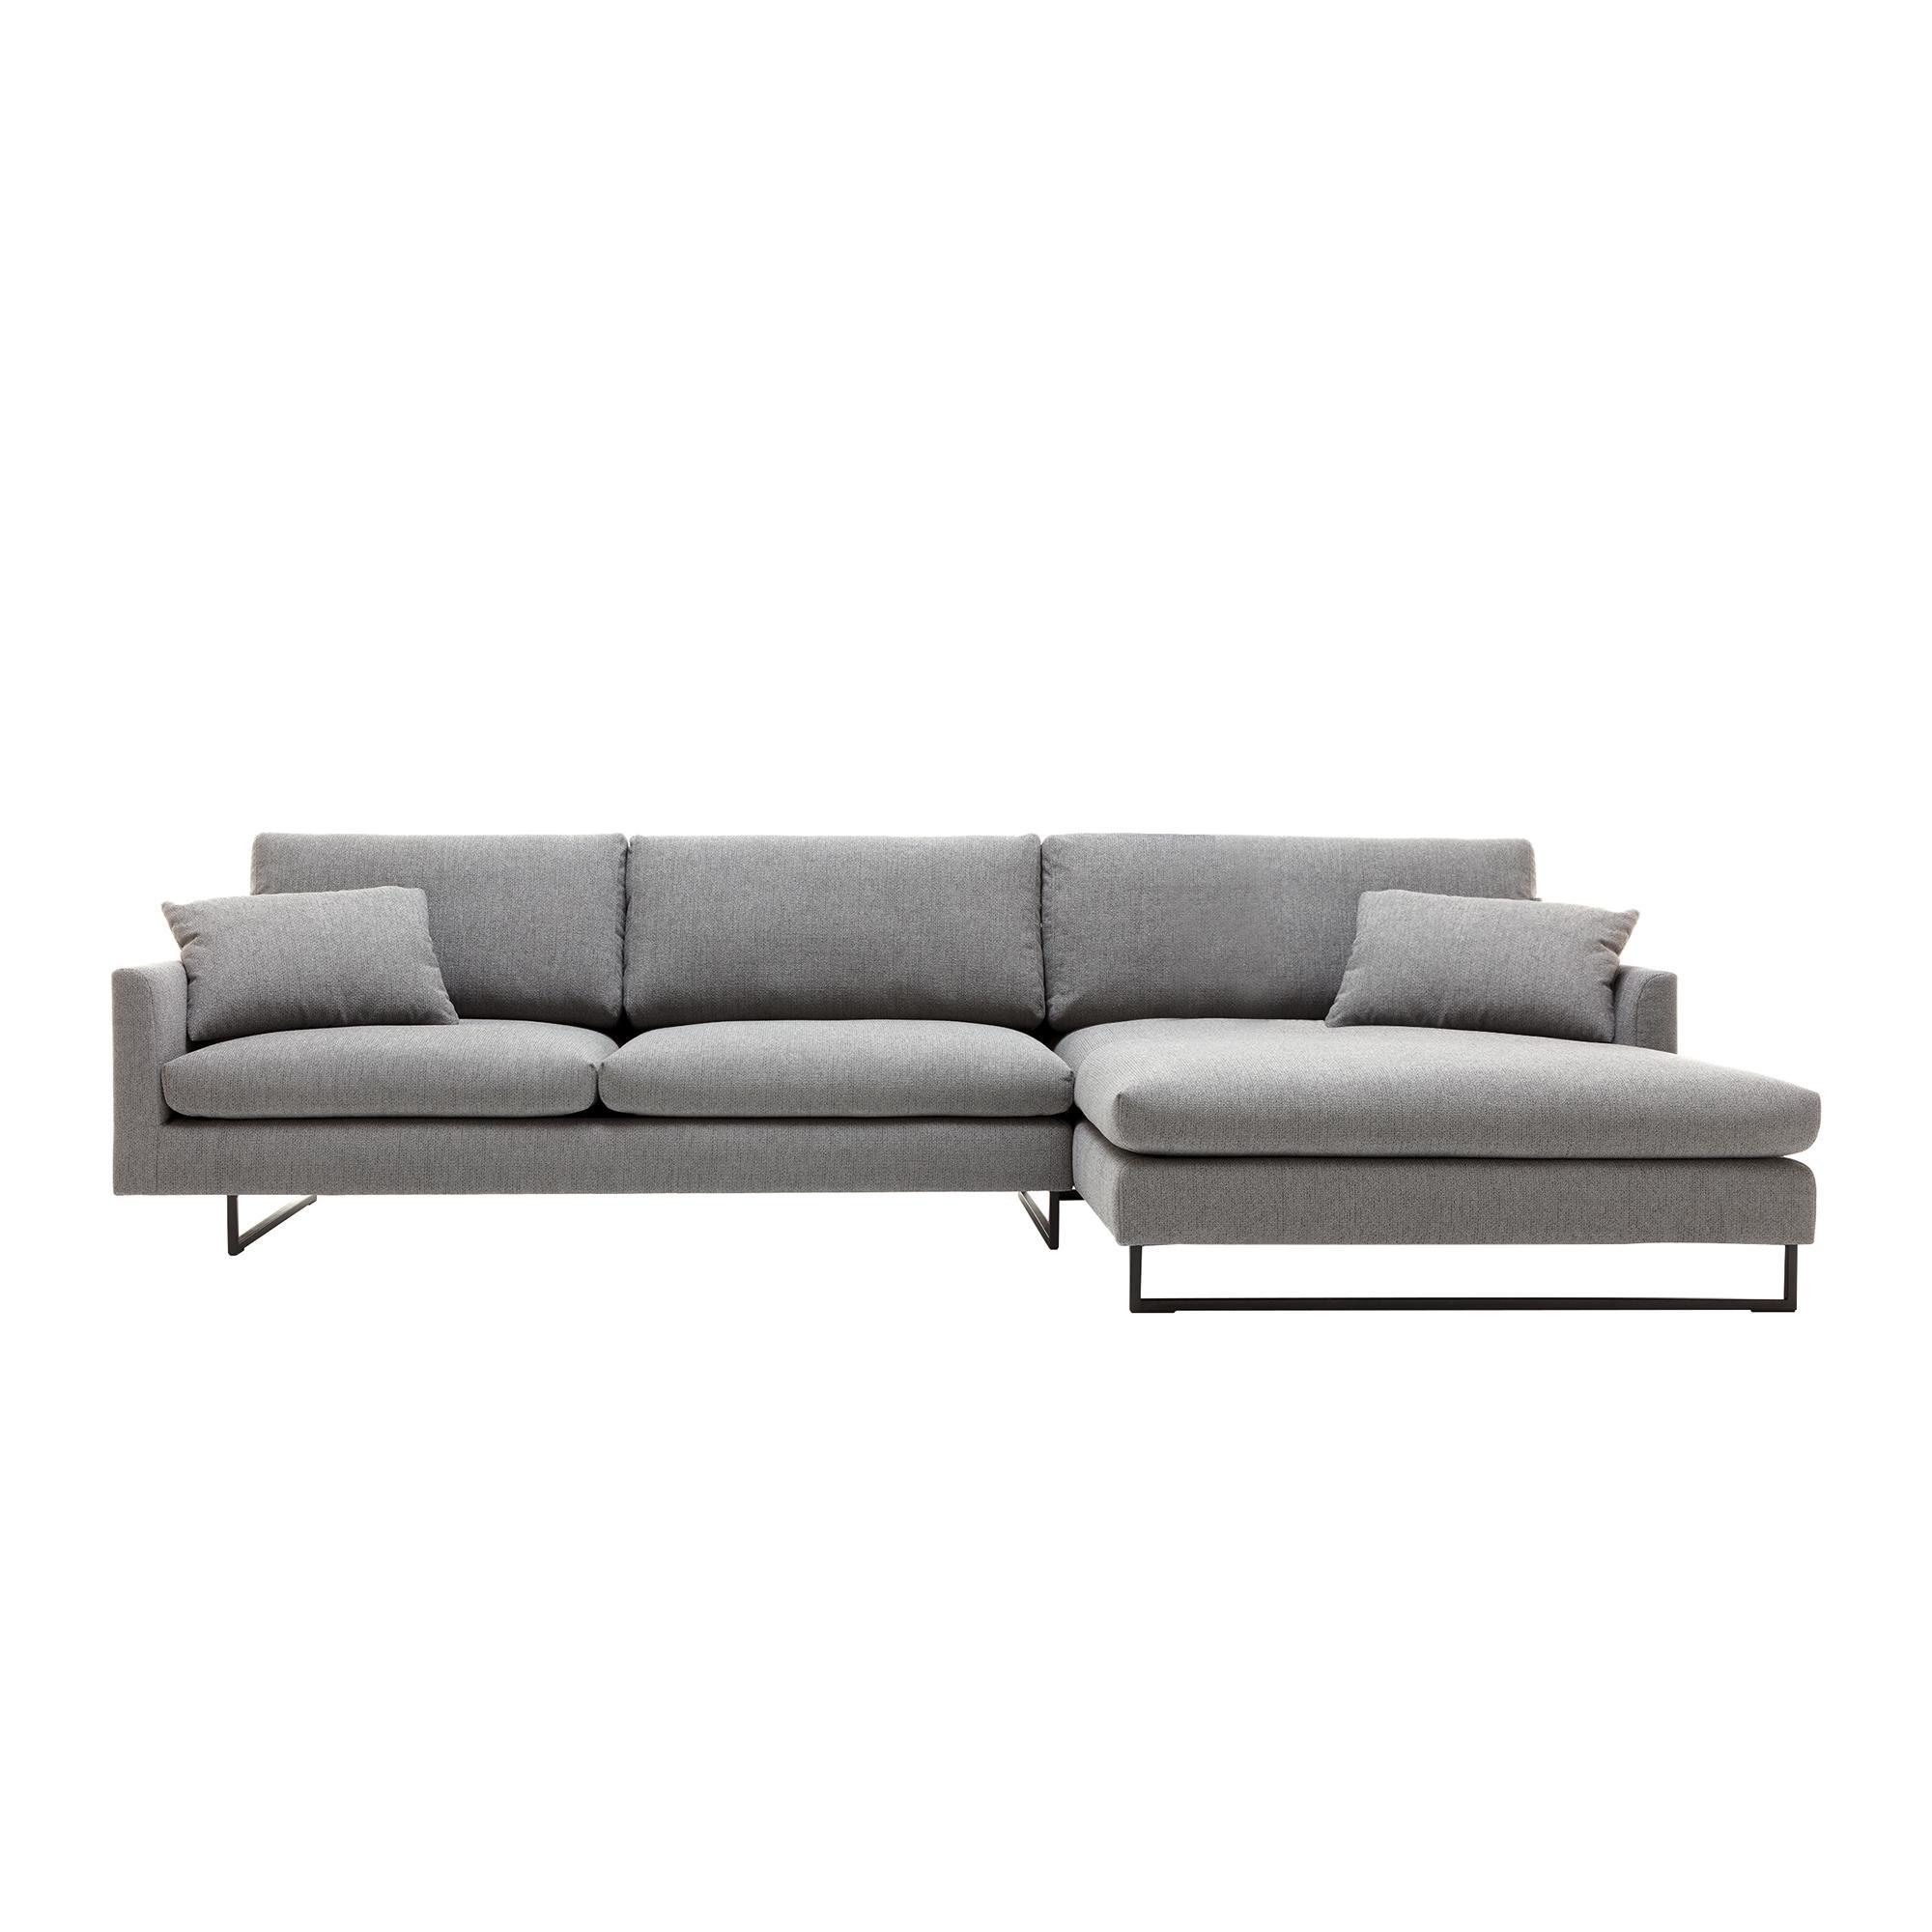 freistil Rolf Benz - freistil 134 - Canapé lounge 330x177cm - gris fer/étoffe 6313/PxHxP 64x98x112cm/tube carré pour patin en acier noir